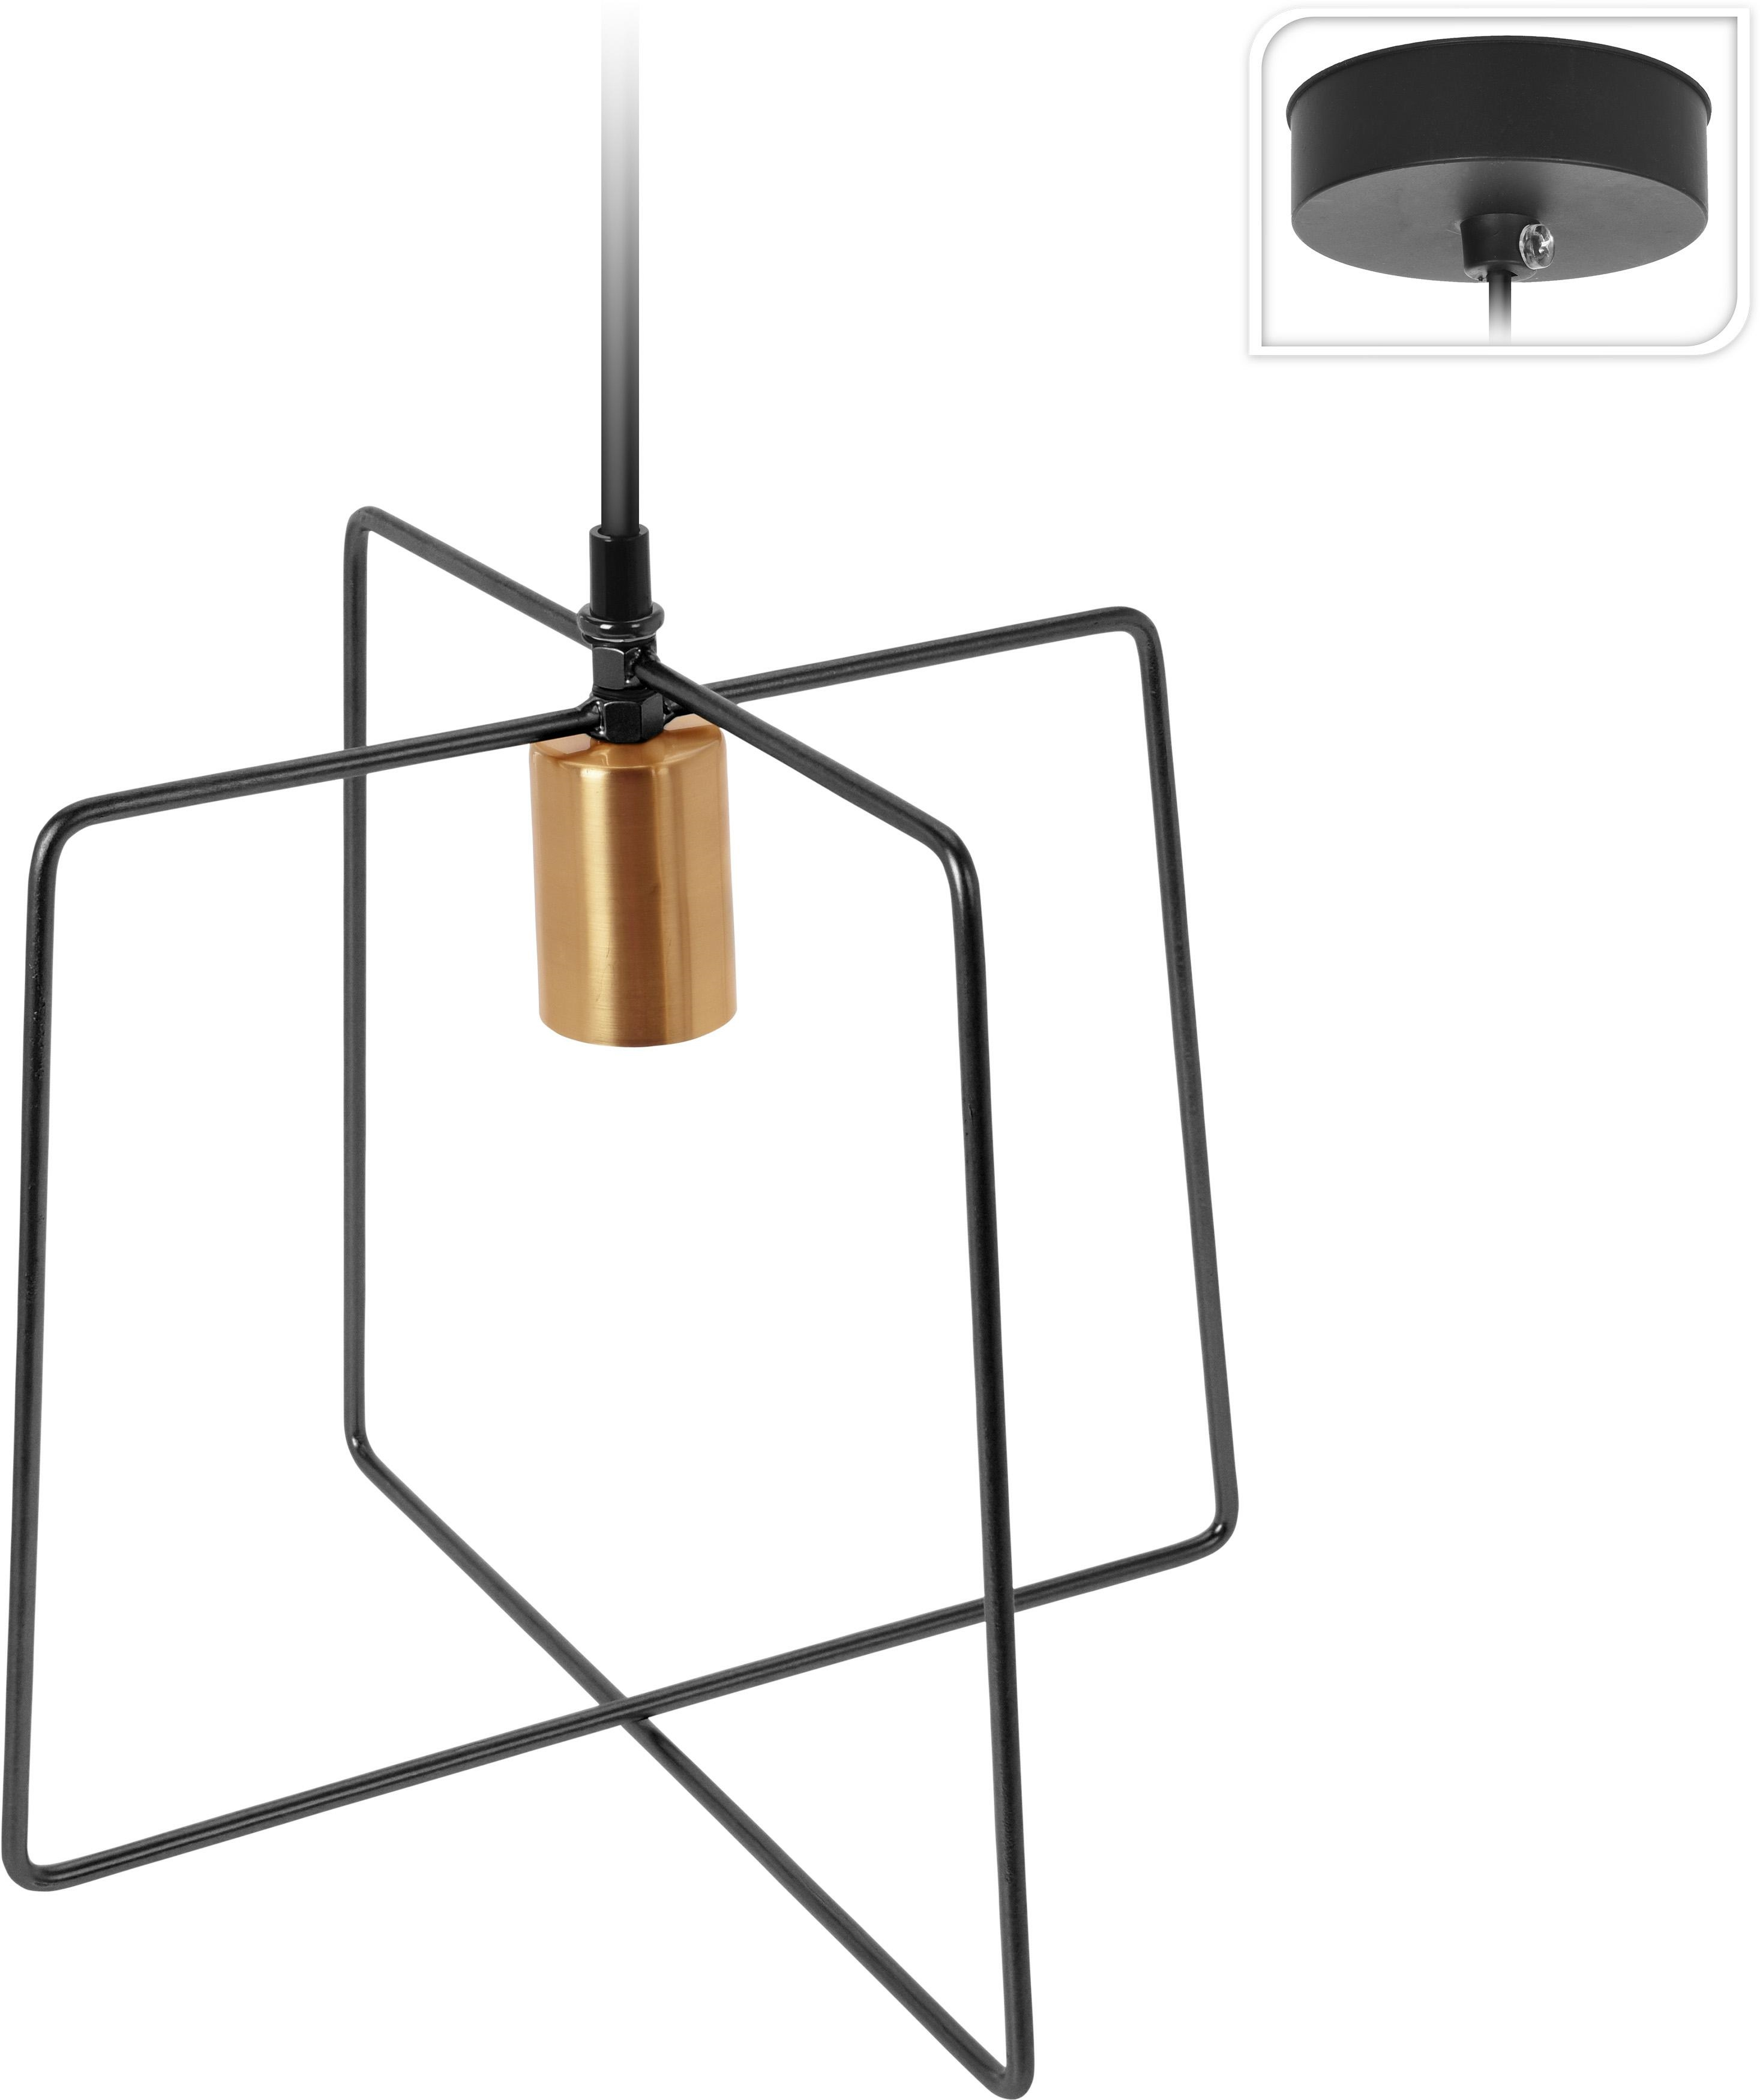 Lampa wisząca Gemo Intesi czarna - zdjęcie nr 0